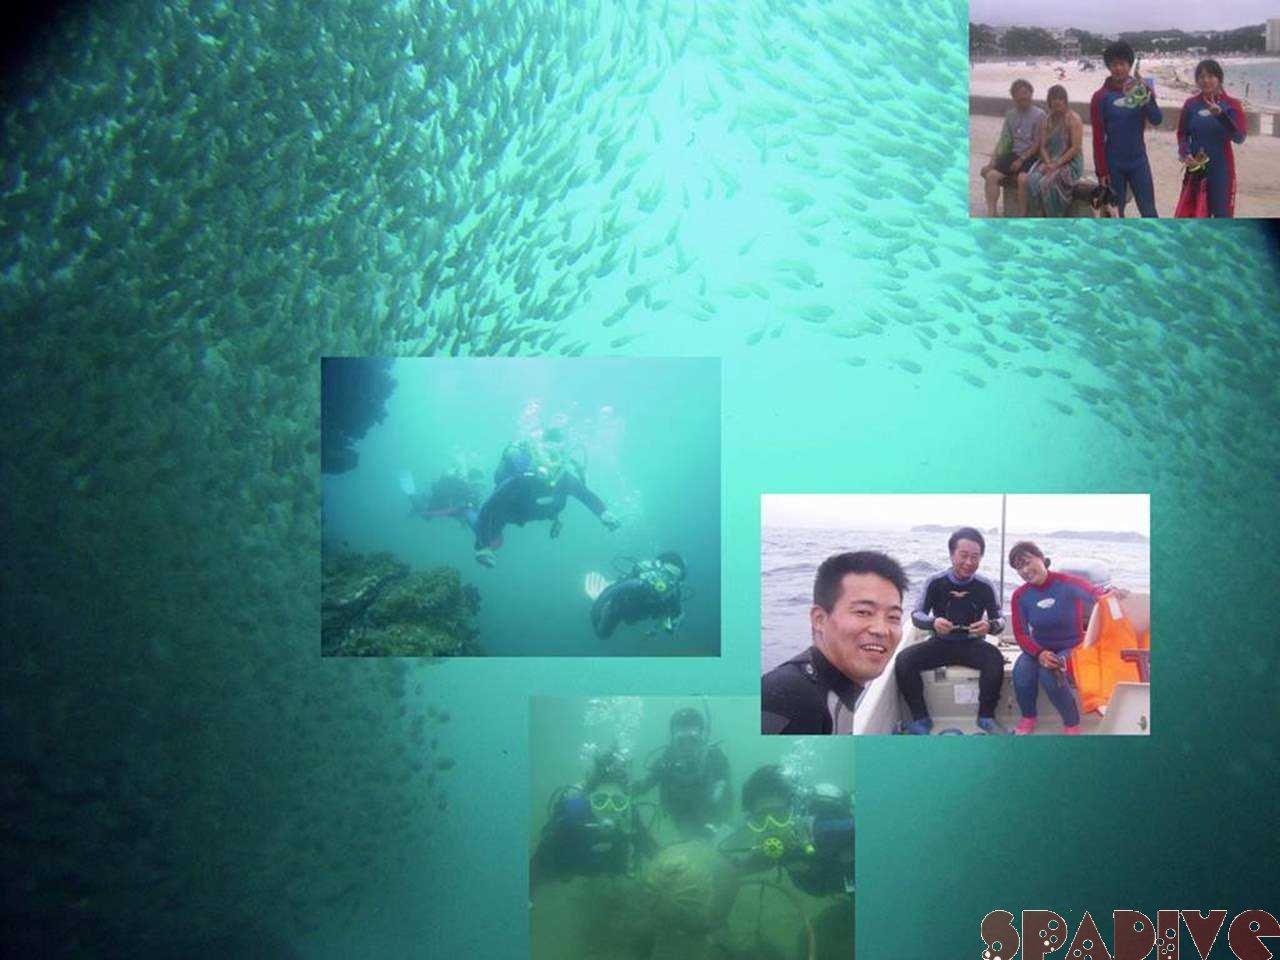 千石丘&沈船ボートファンダイブ|体験ダイビング|7/18/2006白浜